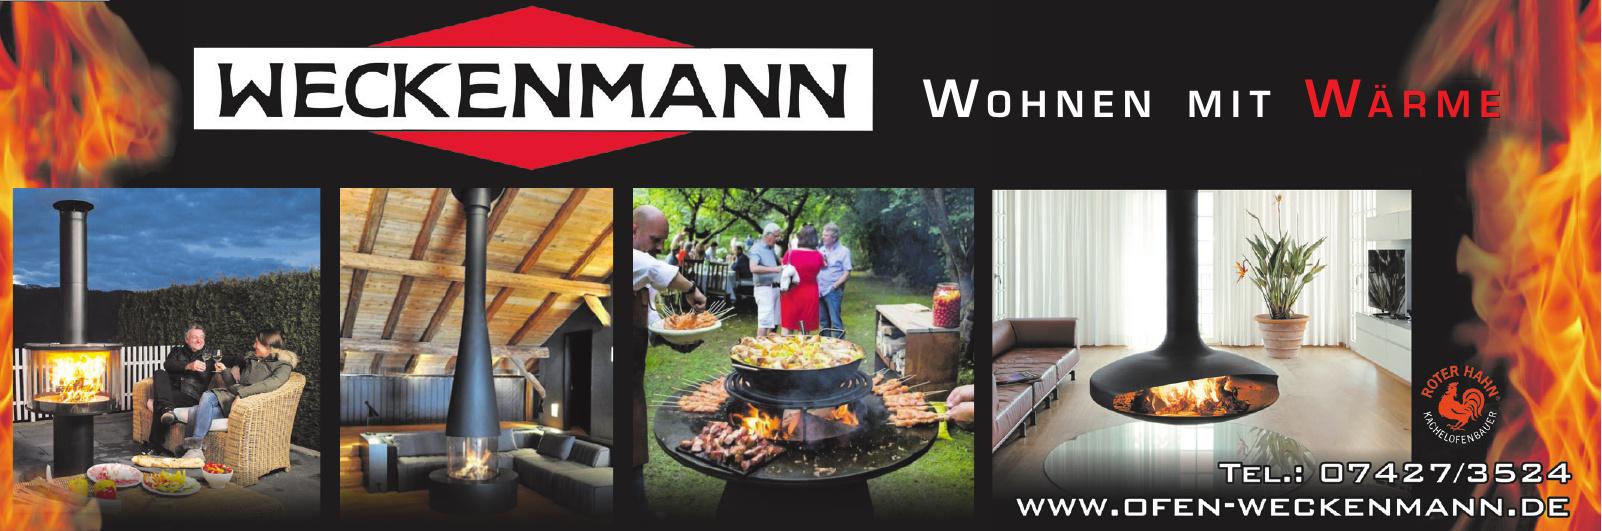 Weckenmann